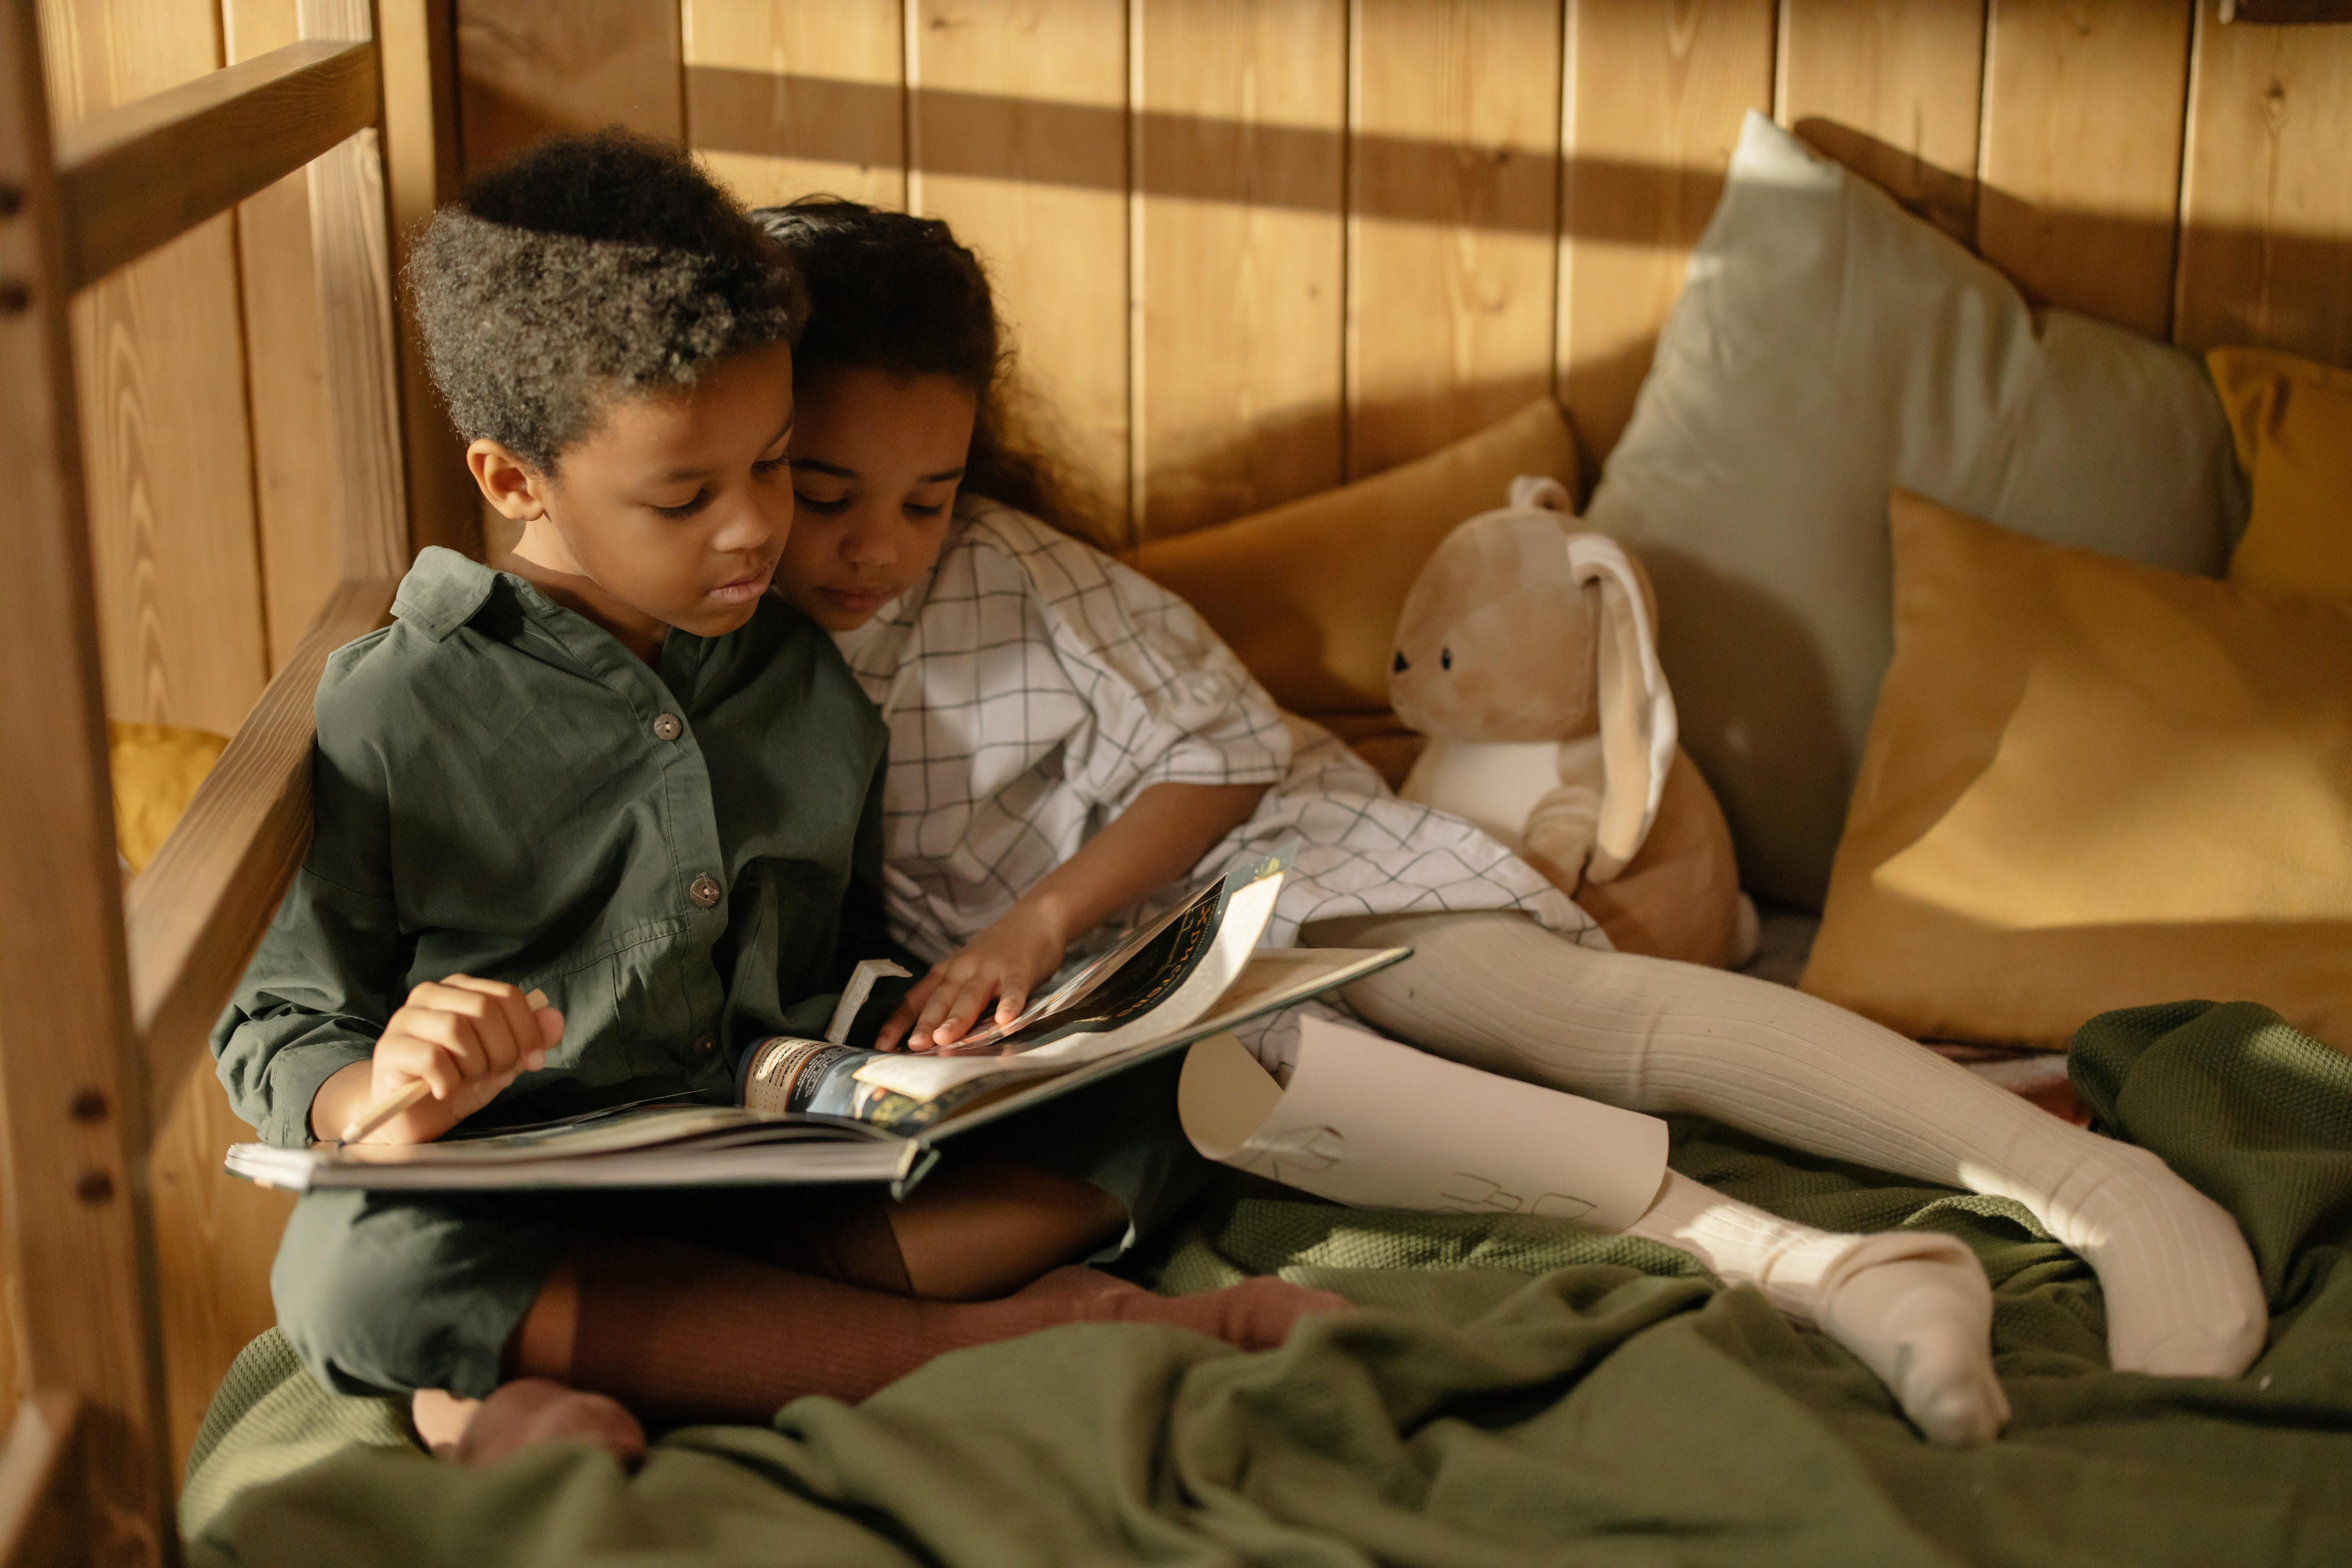 la-literatura-infantil-y-juvenil-crece-en-tiempos-de-pandemia